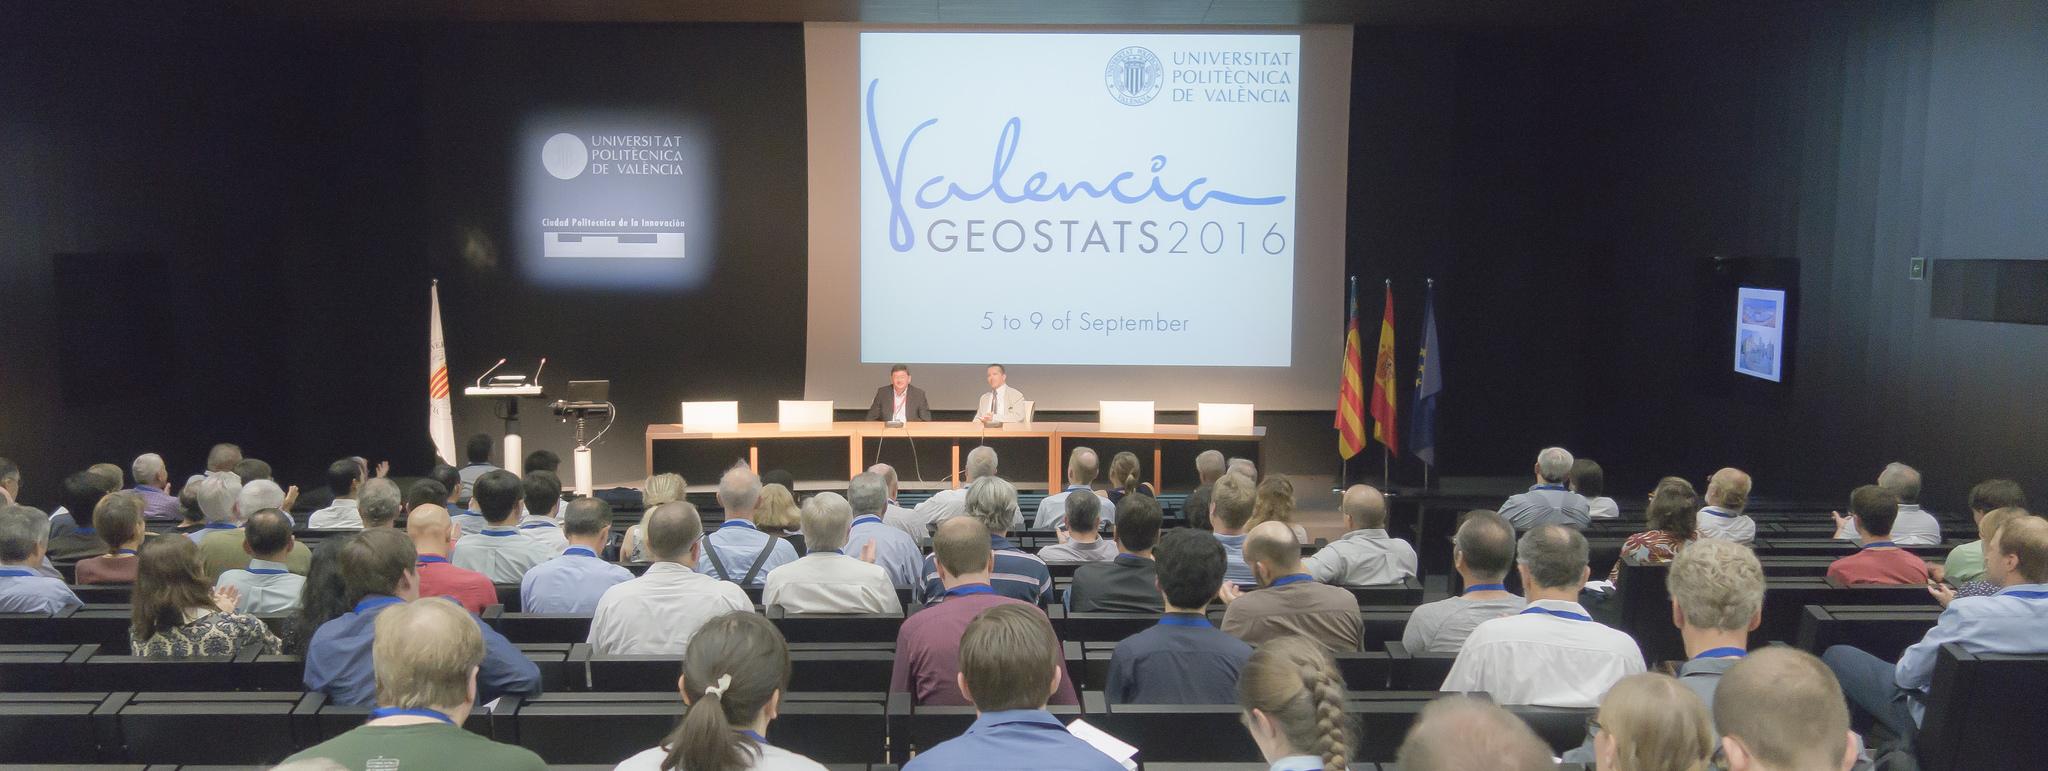 Congreso Valencia Geostats 2016